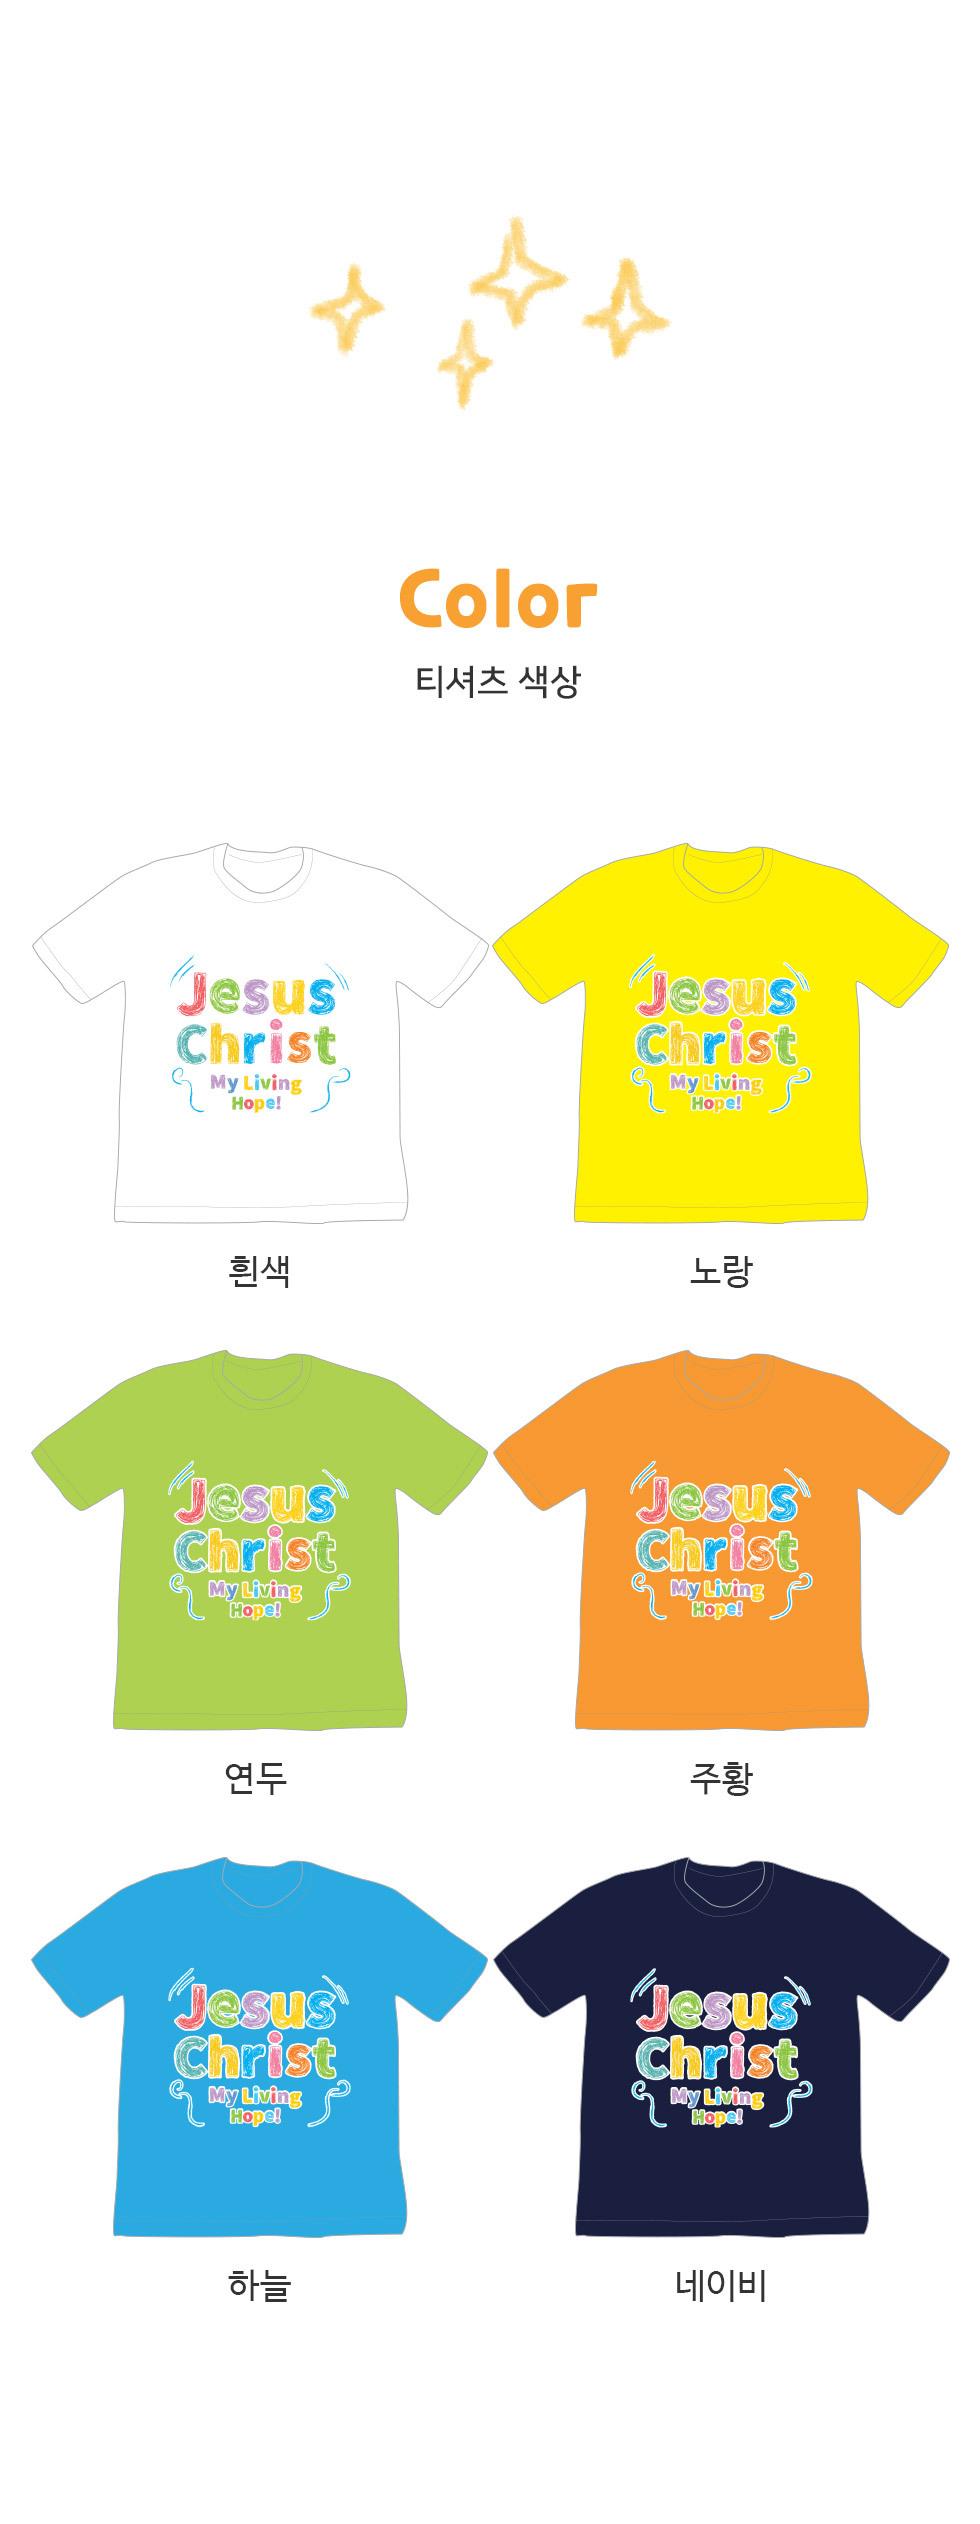 예수님이 나의 소망이예요!, Jesus Christ My Living Hope! - 성인티셔츠(리빙홉) 티셔츠 색상보기